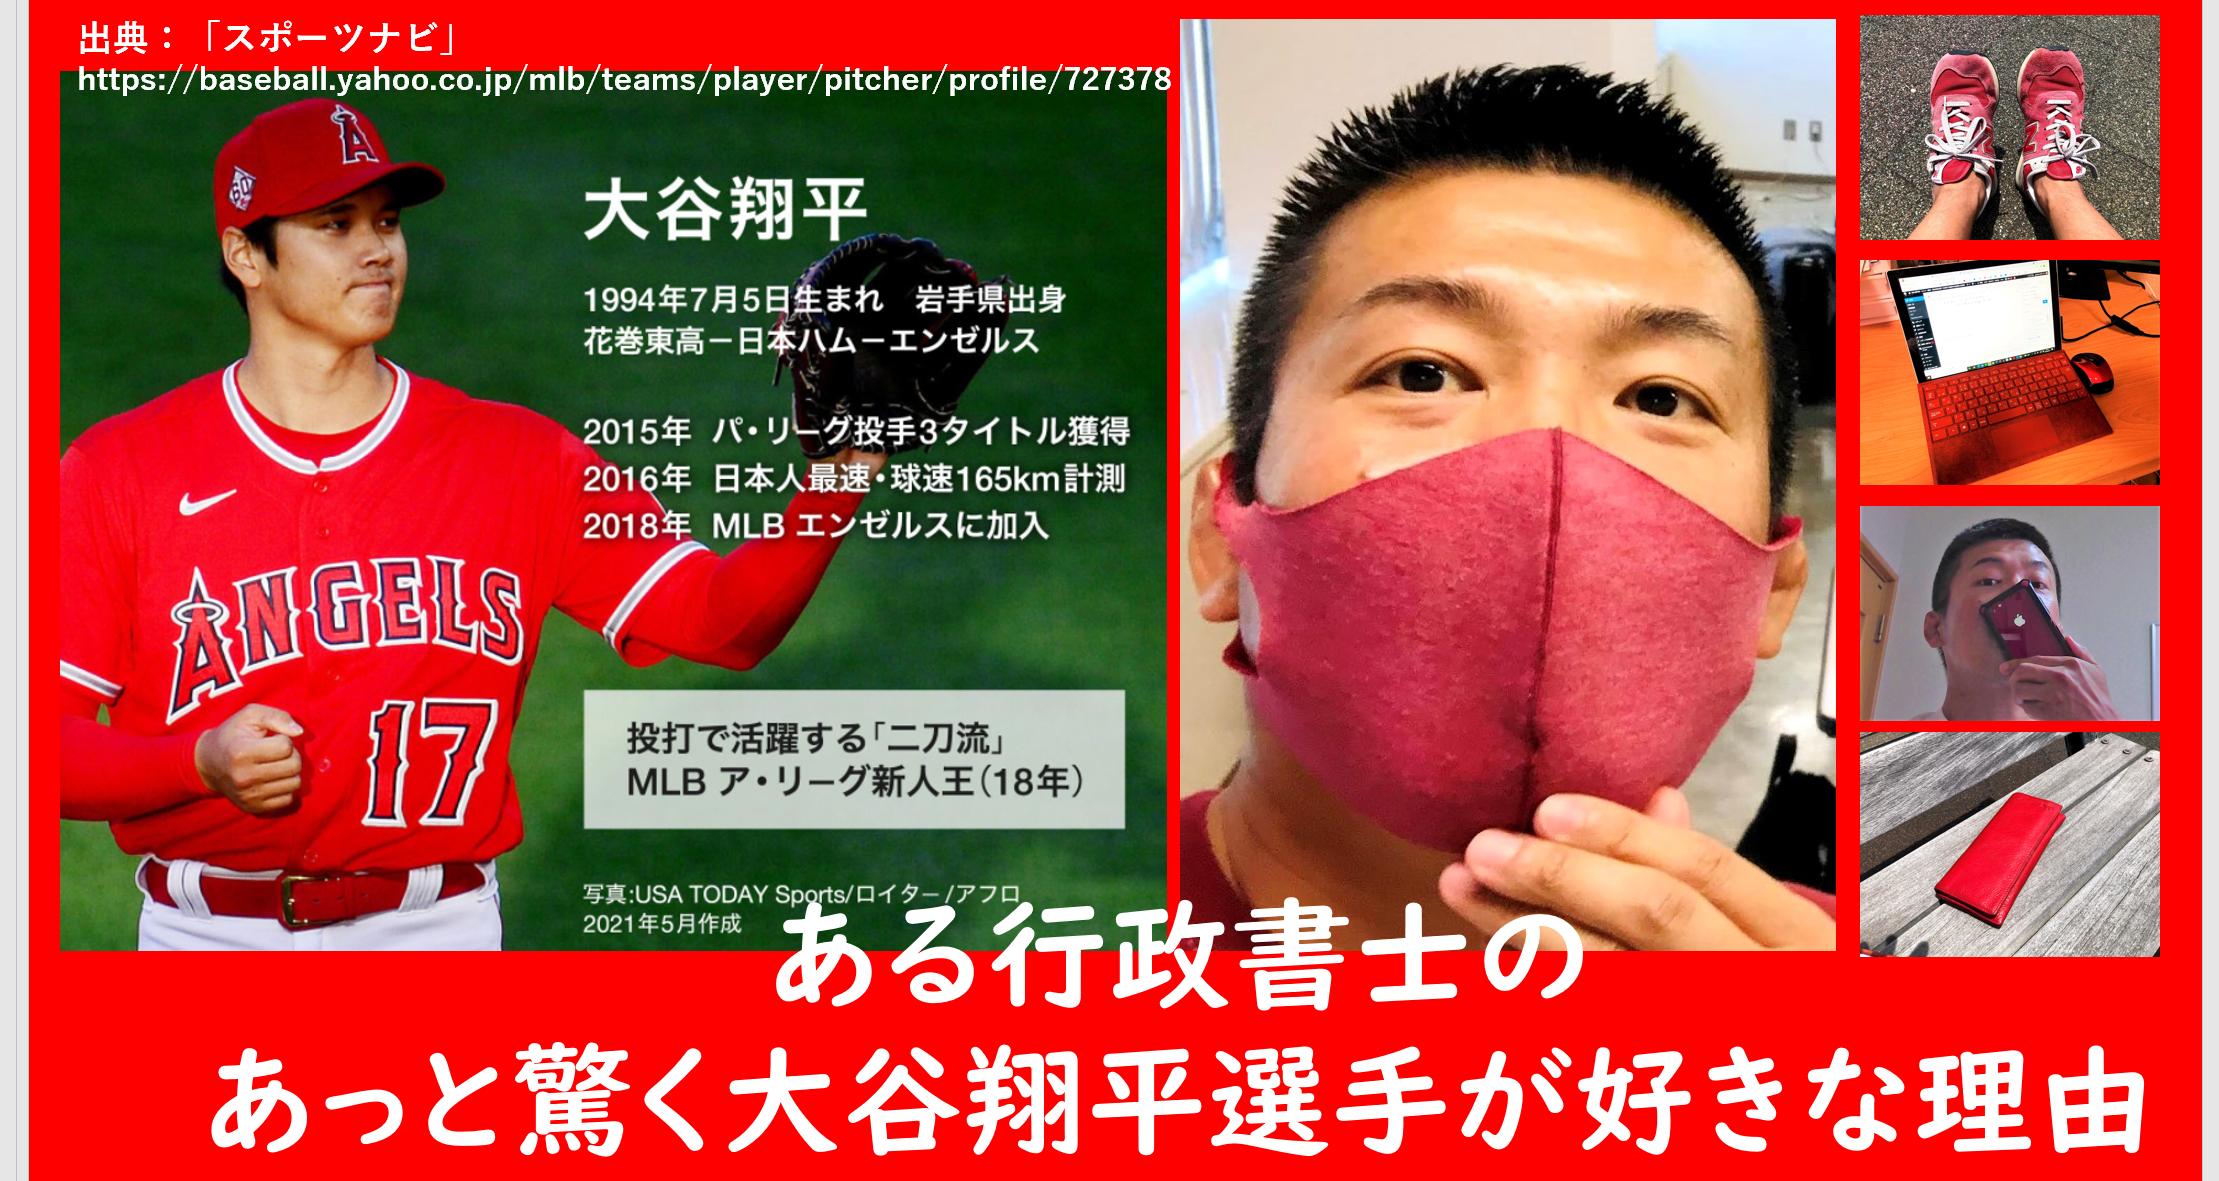 サムネ 大谷翔平 第30号ホームラン